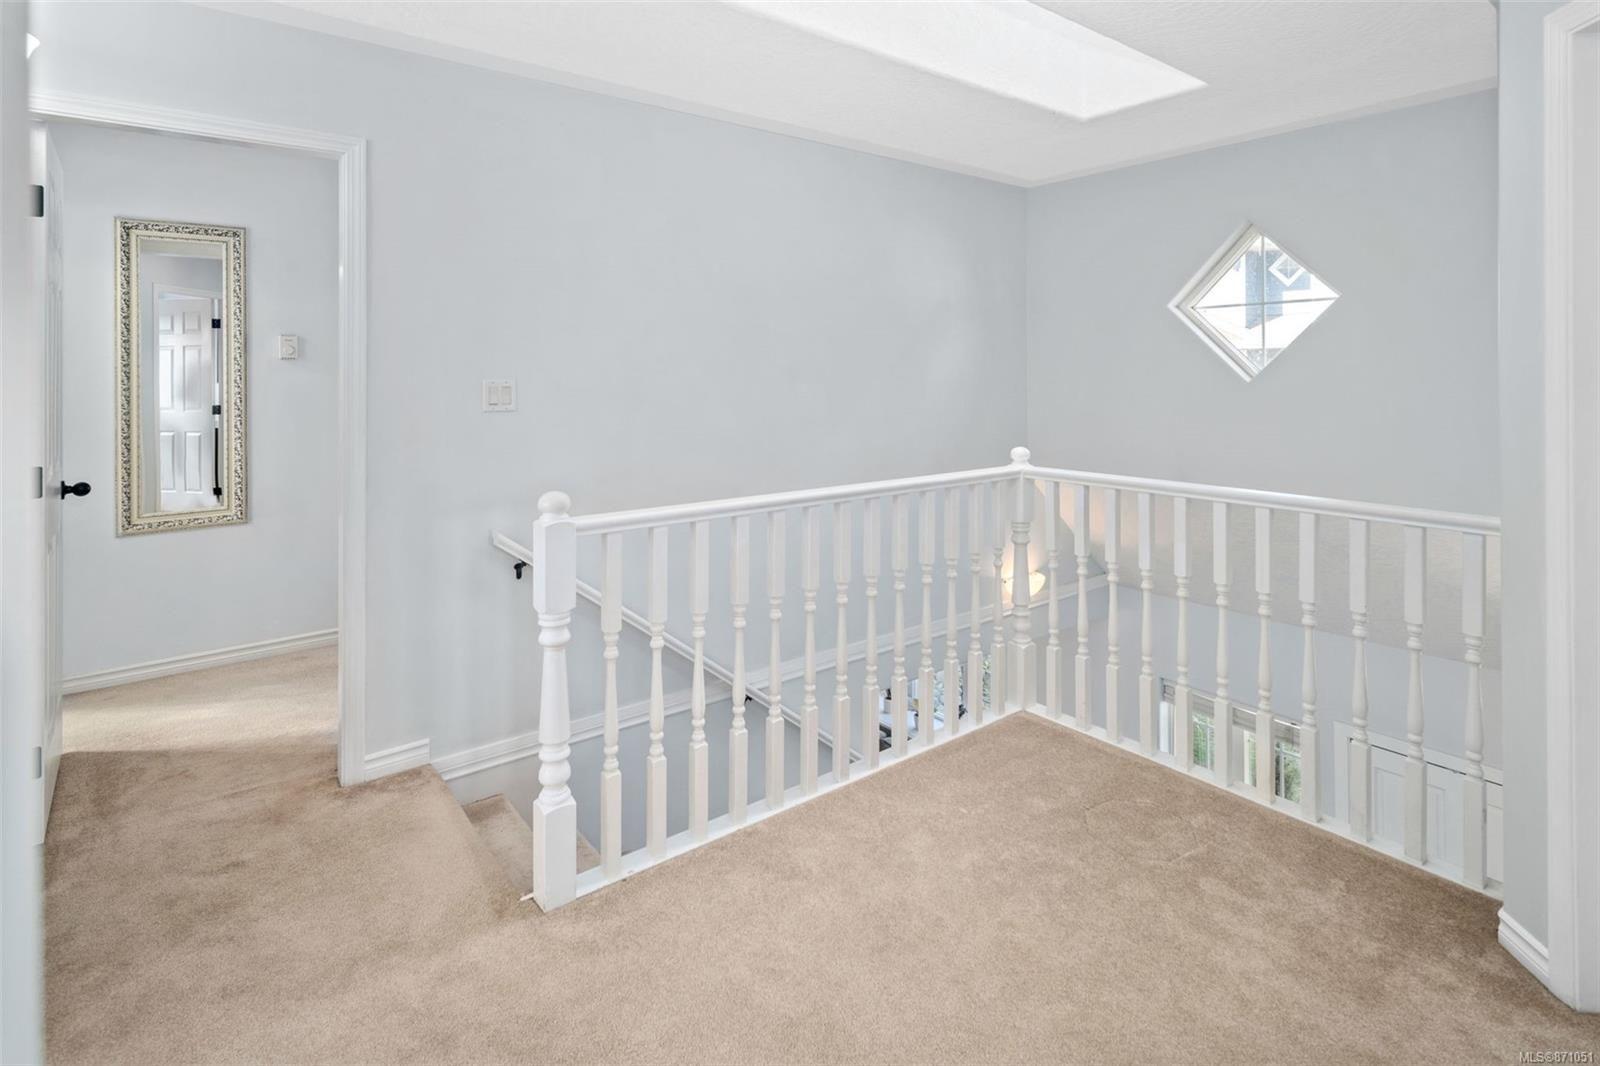 Photo 22: Photos: 521 Selwyn Oaks Pl in : La Mill Hill House for sale (Langford)  : MLS®# 871051